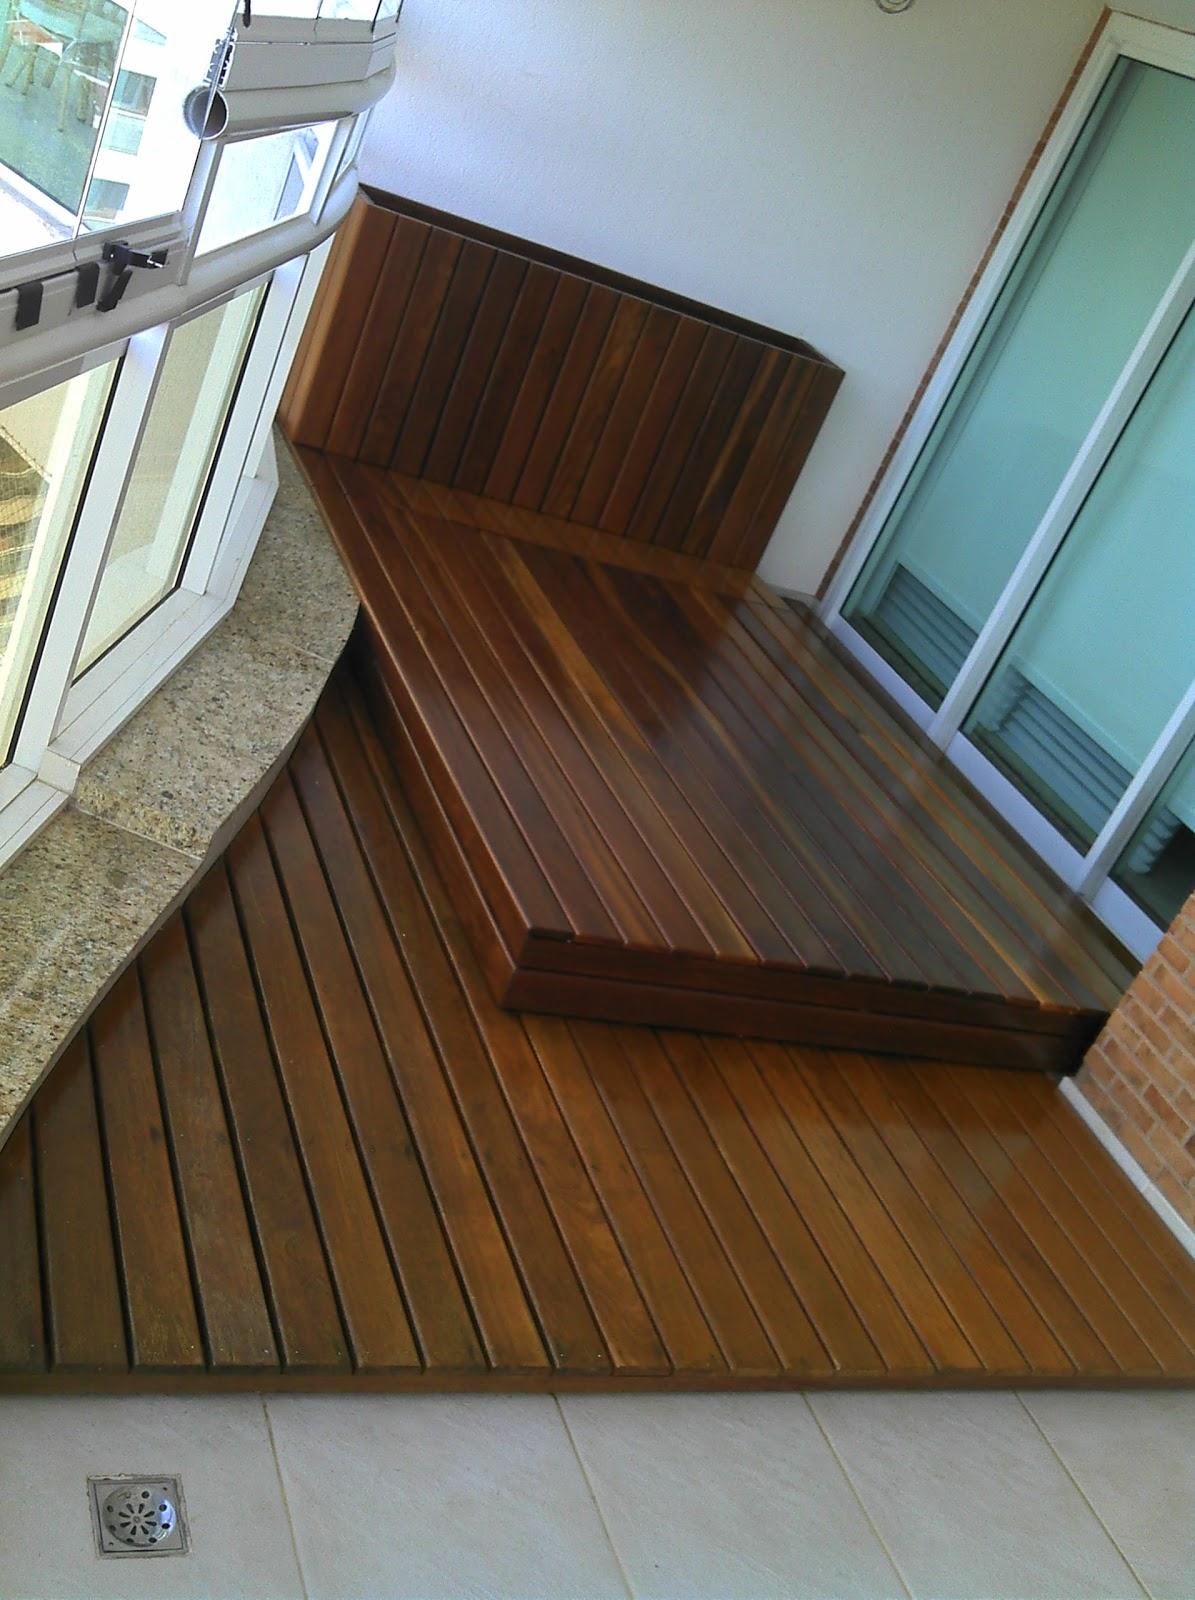 Quifer Marcenaria Moderna: Móveis para varanda #614121 1195x1600